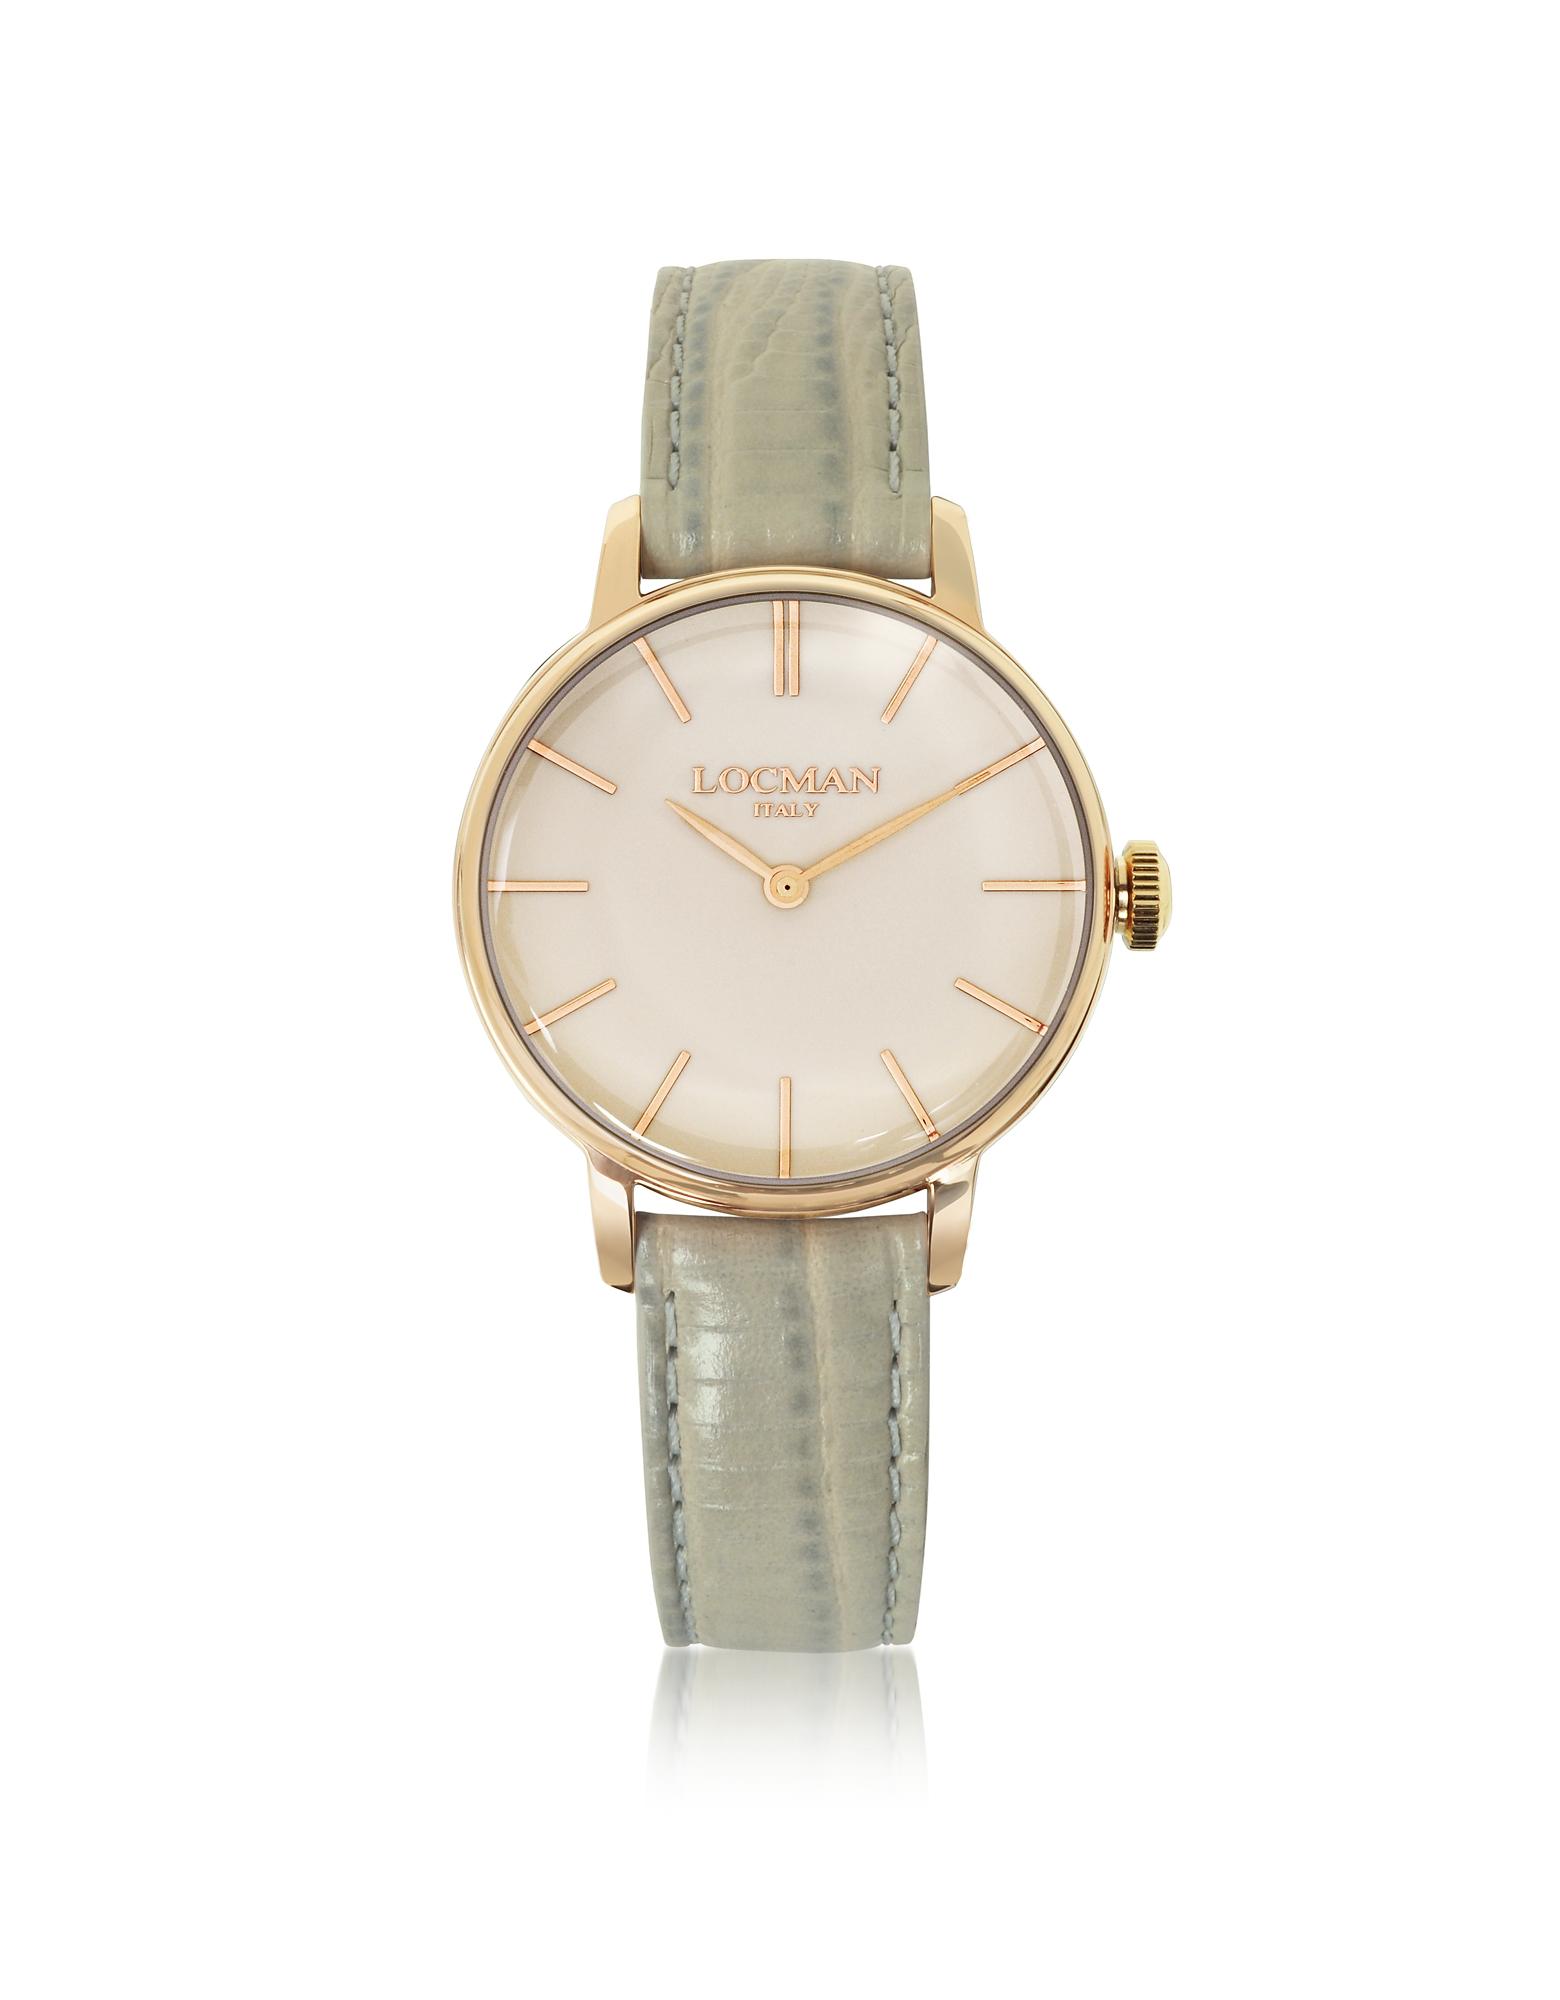 1960 - Женские Часы из Нержавеющей Стали с Напылением Розового Золота на Светло-сером Ремешке из Кожи под Крокодиловую